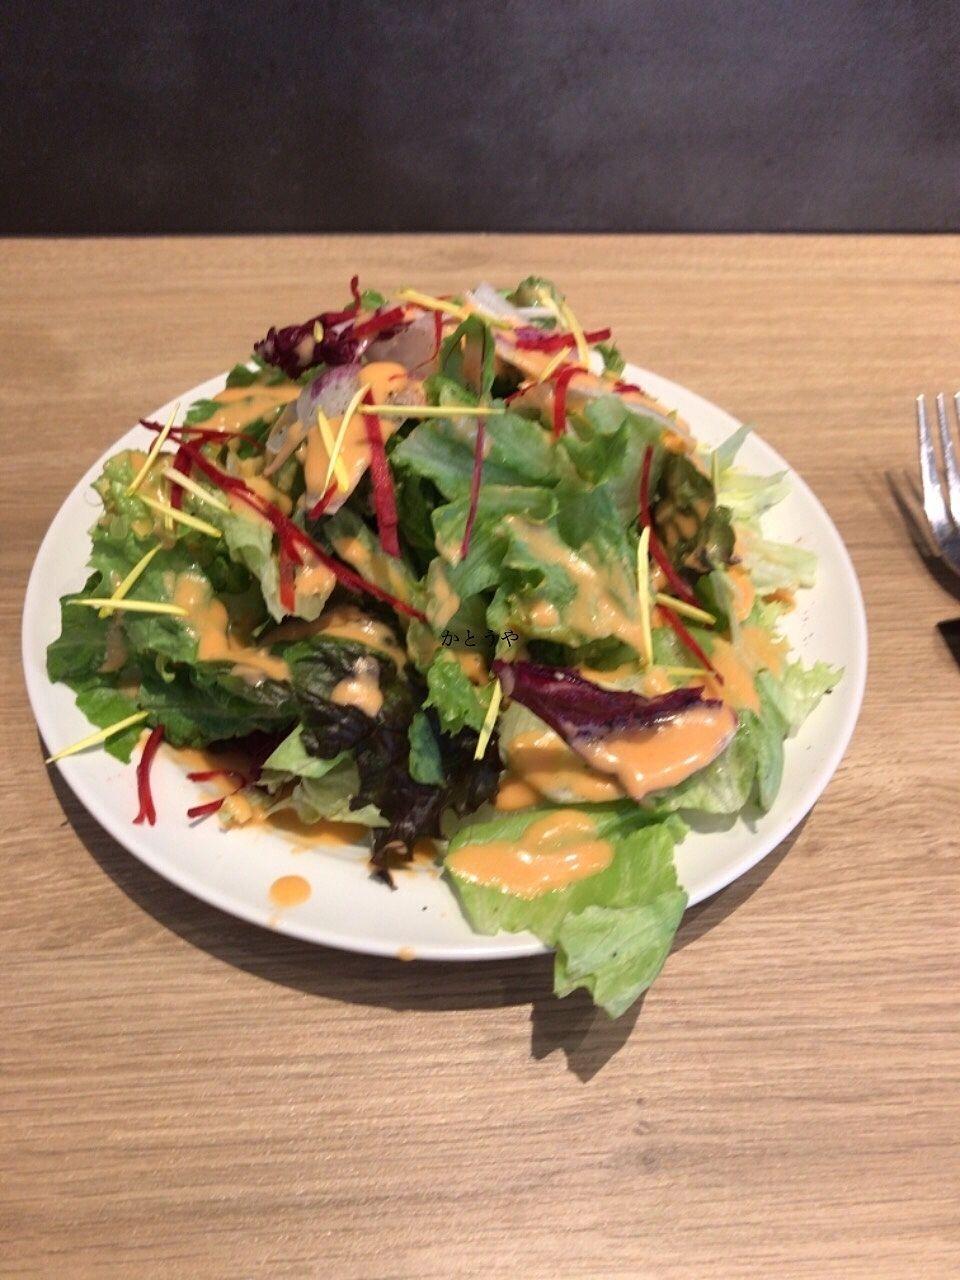 ランチピザも美味しかったです。サラダがダイナミックすぎて思わずはっぱがお皿から飛び出しています。